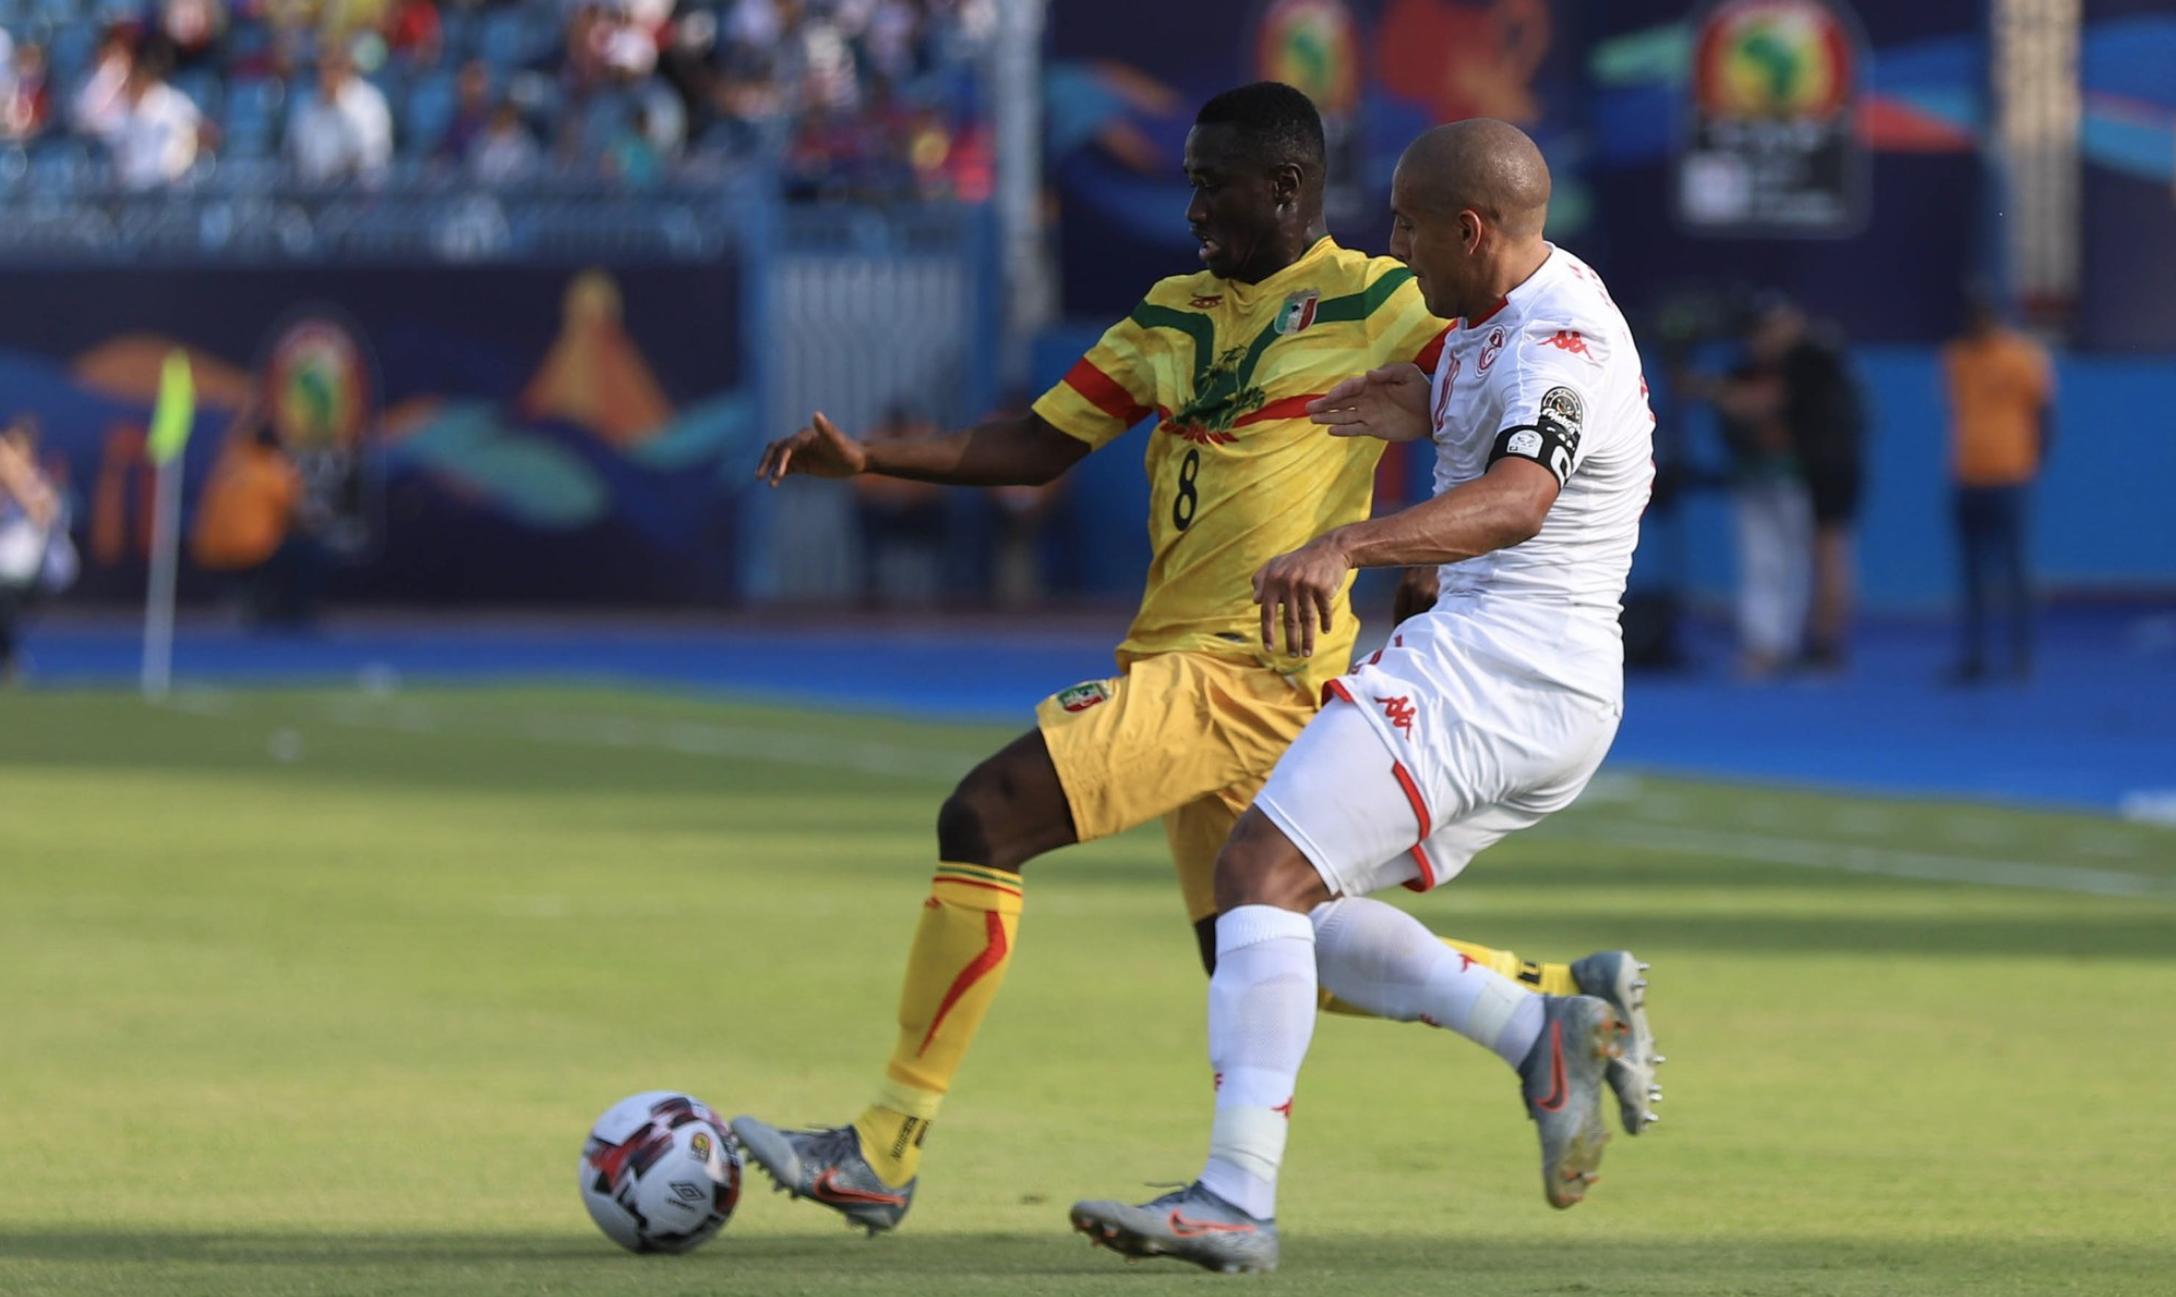 تونس أول منتخب يحقق تعادلين..والخزري يلتحق بالهدافين في دورتين مختلفتين